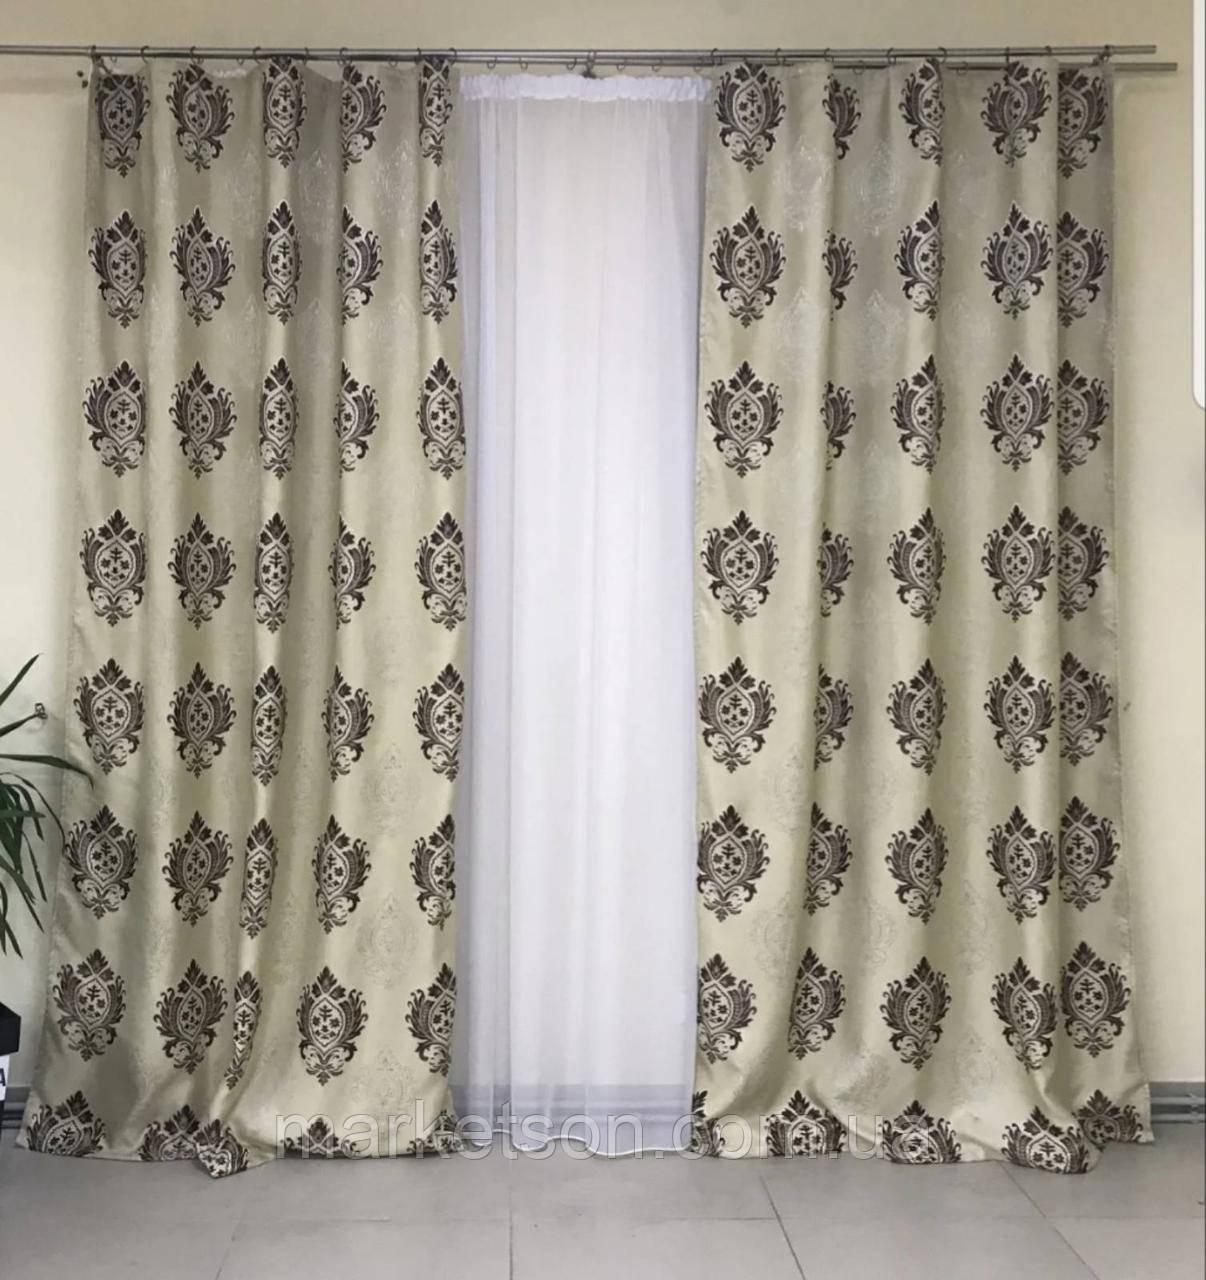 Готові штори Льон Блекаут для спальні або вітальні 1,5х2,7.Корона